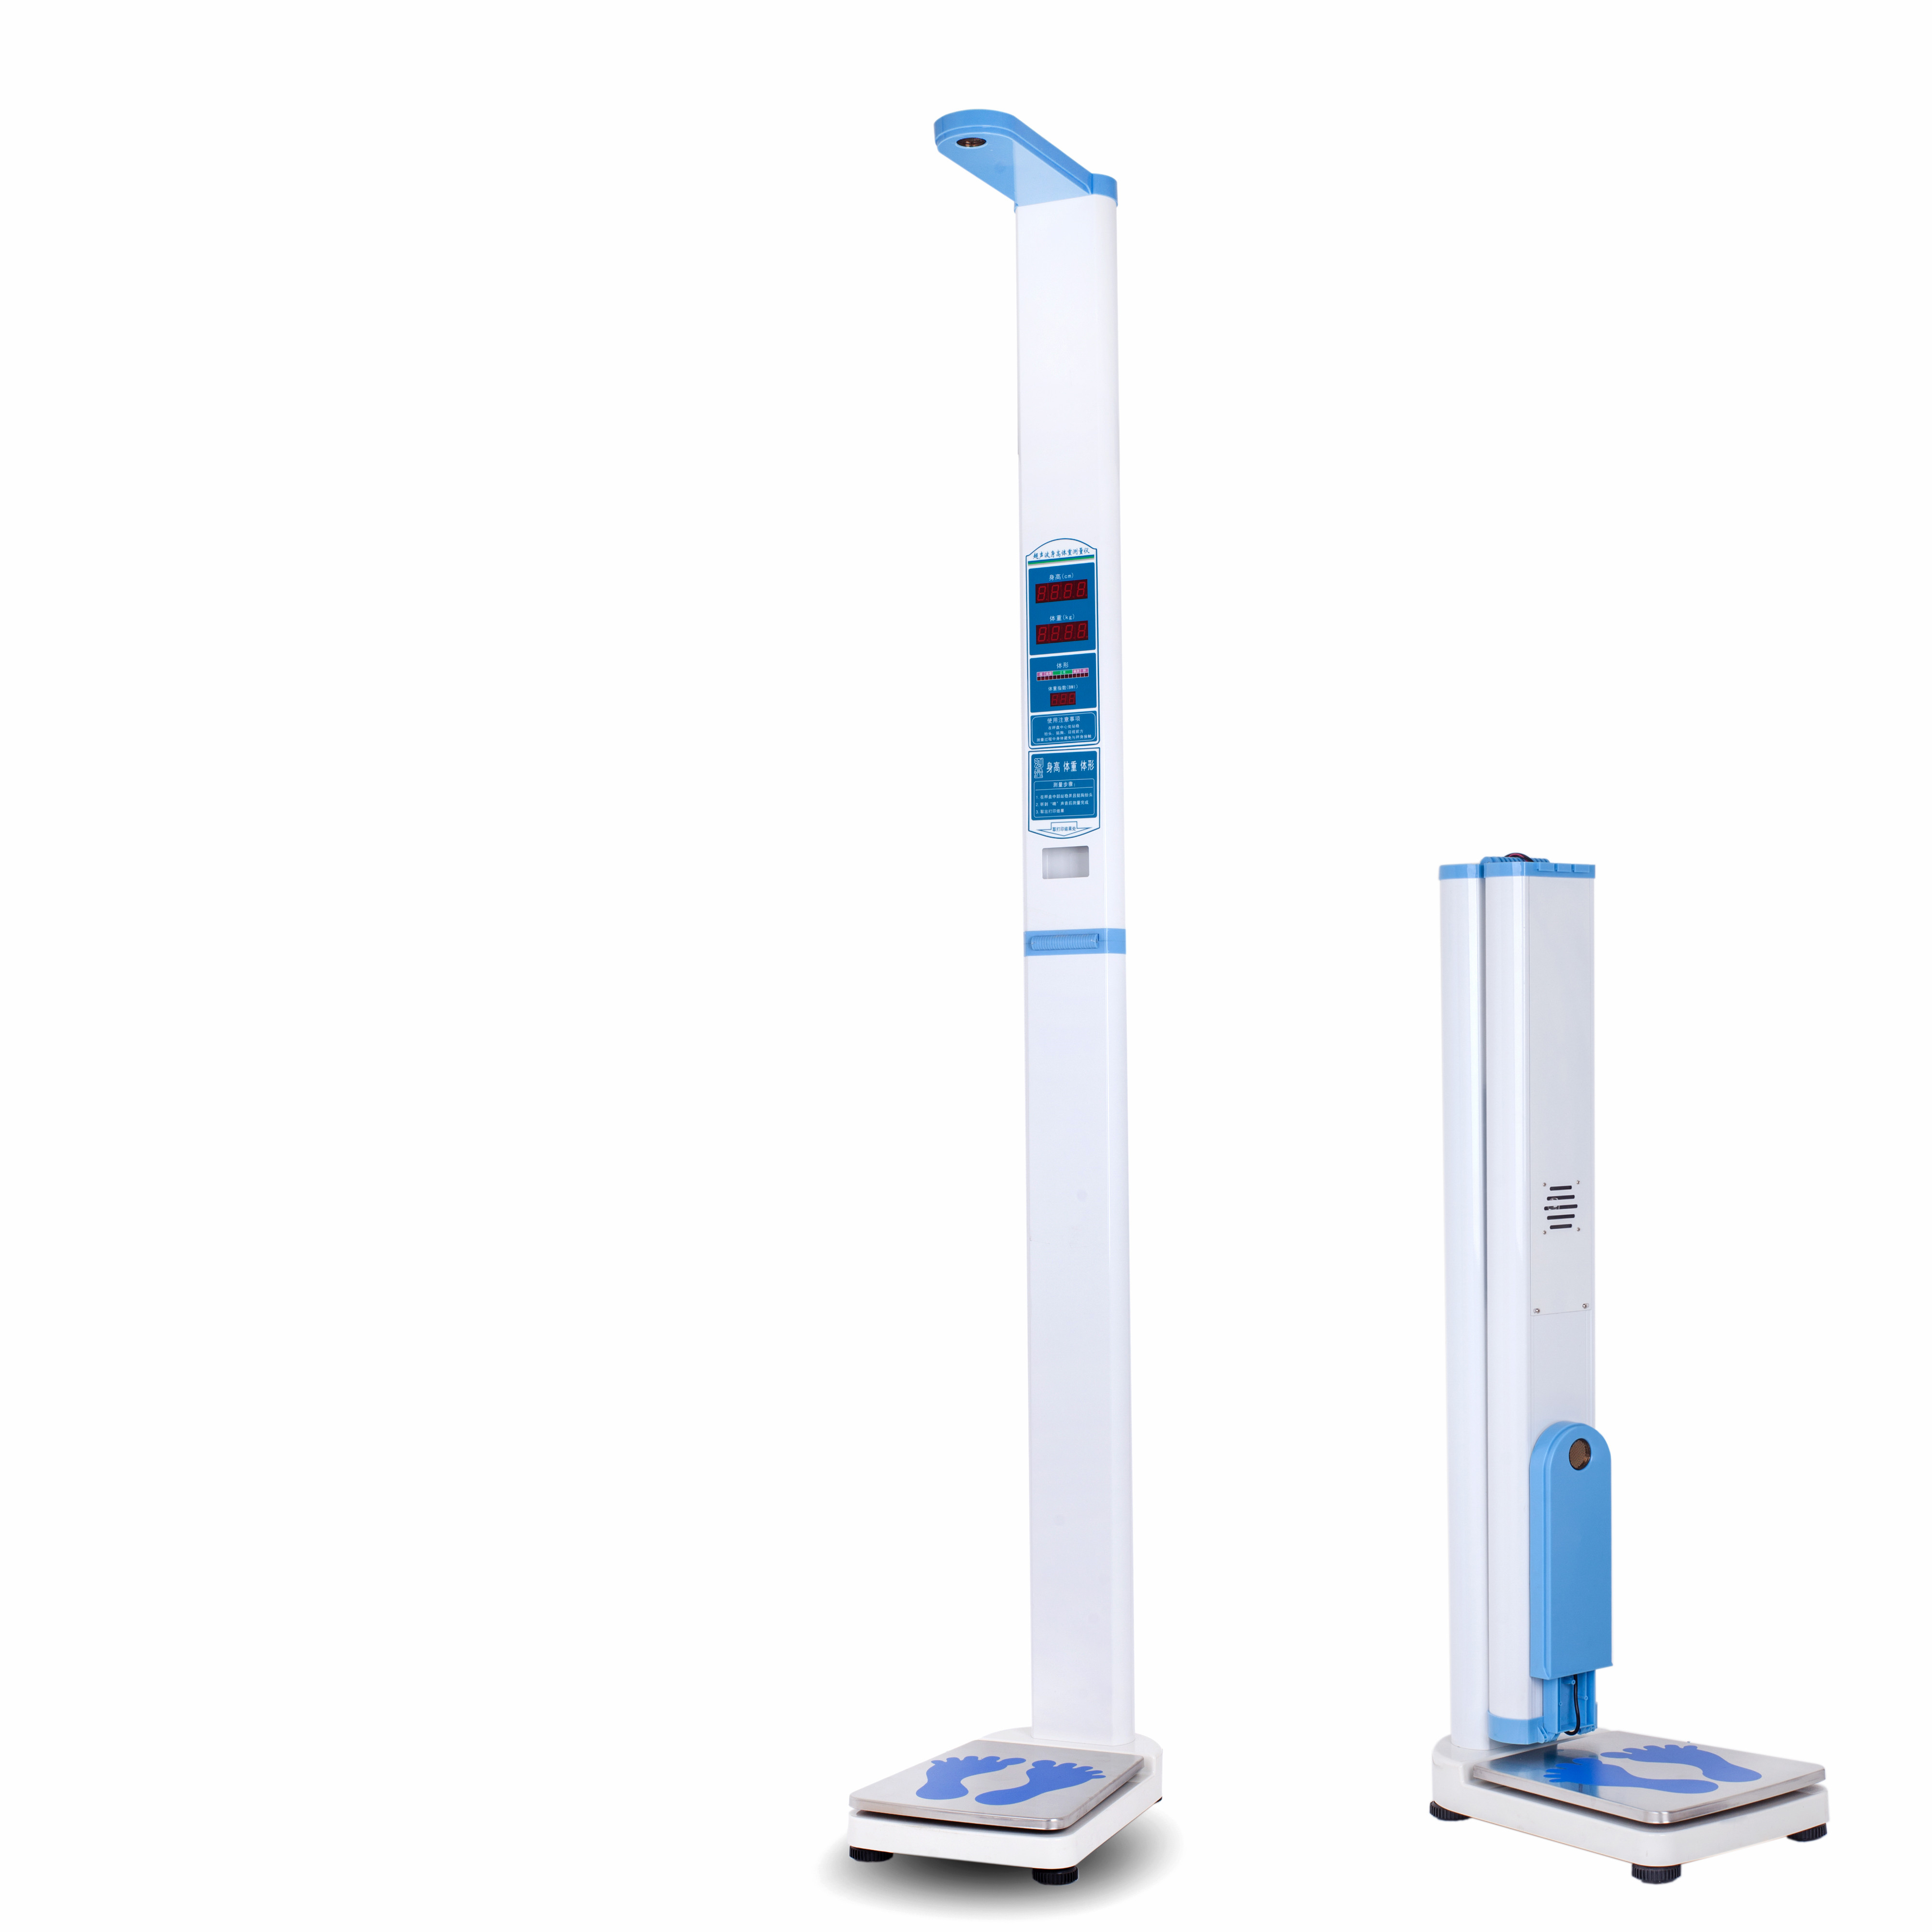 全自动测量秤_厚度测量相关-上海沃申工贸有限公司